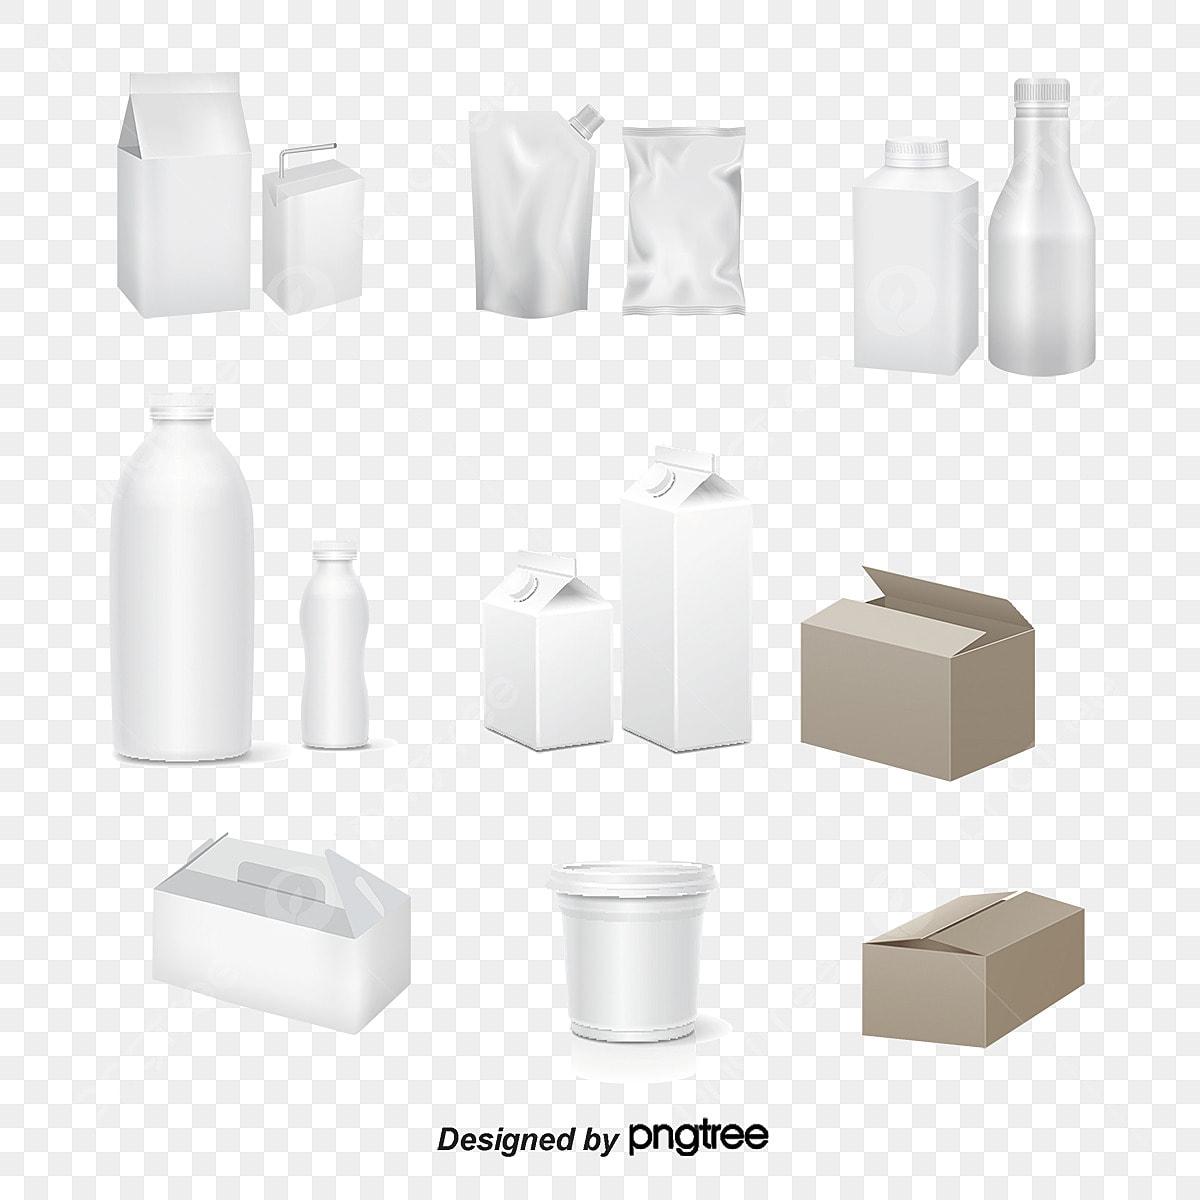 Packaging 37 Diseños De Envases Con Aluminio: Latas De Aluminio Envases Metalicos Paquete Metal Envasado